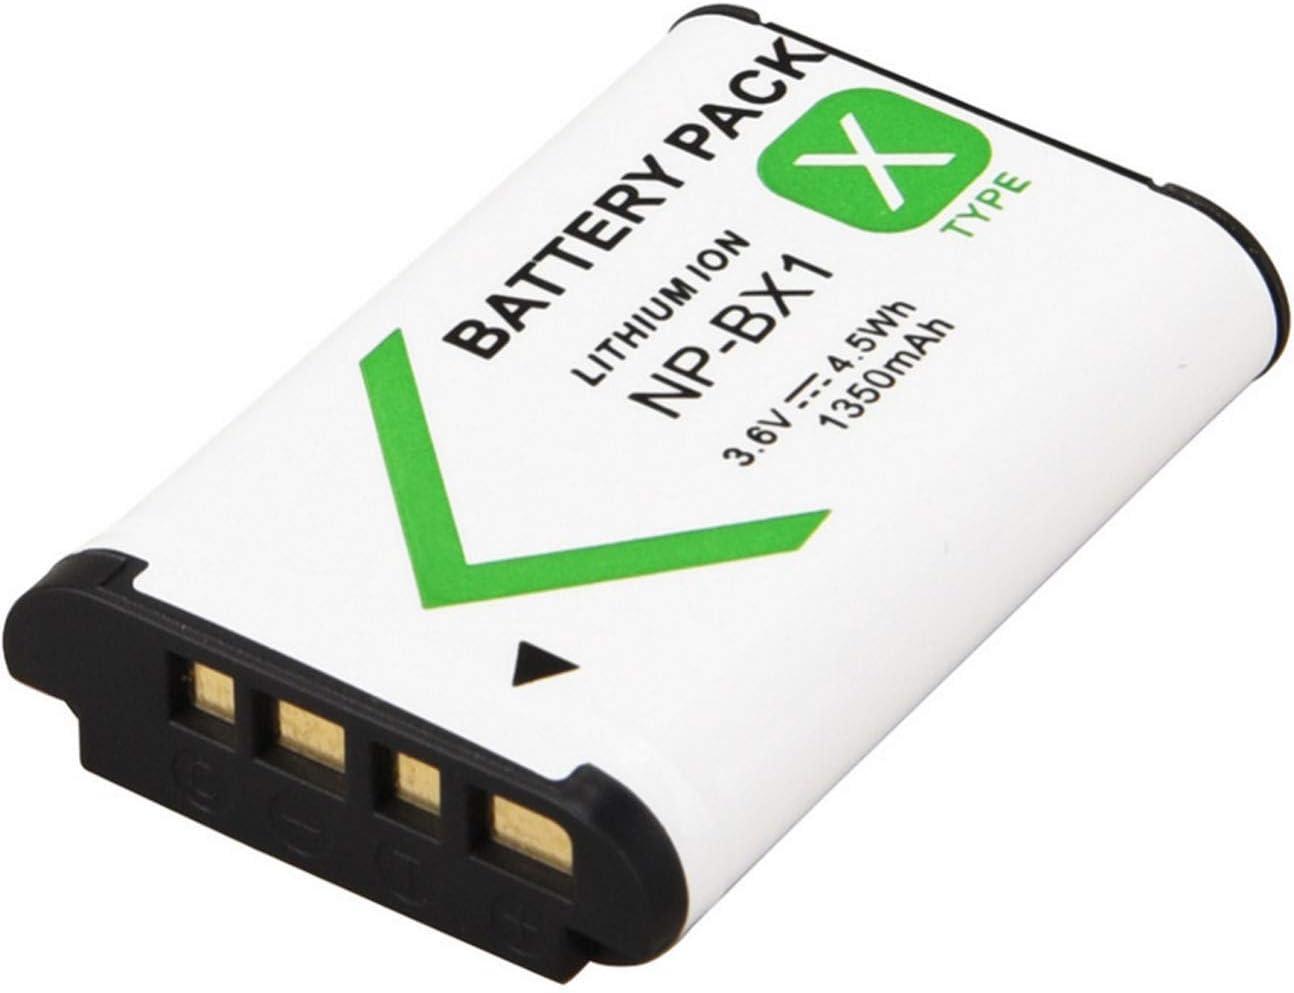 HDR-PJ440E Handycam Camcorder HDR-PJ410E HDR-PJ270E HDR-PJ275E Battery Pack for Sony HDR-PJ240E